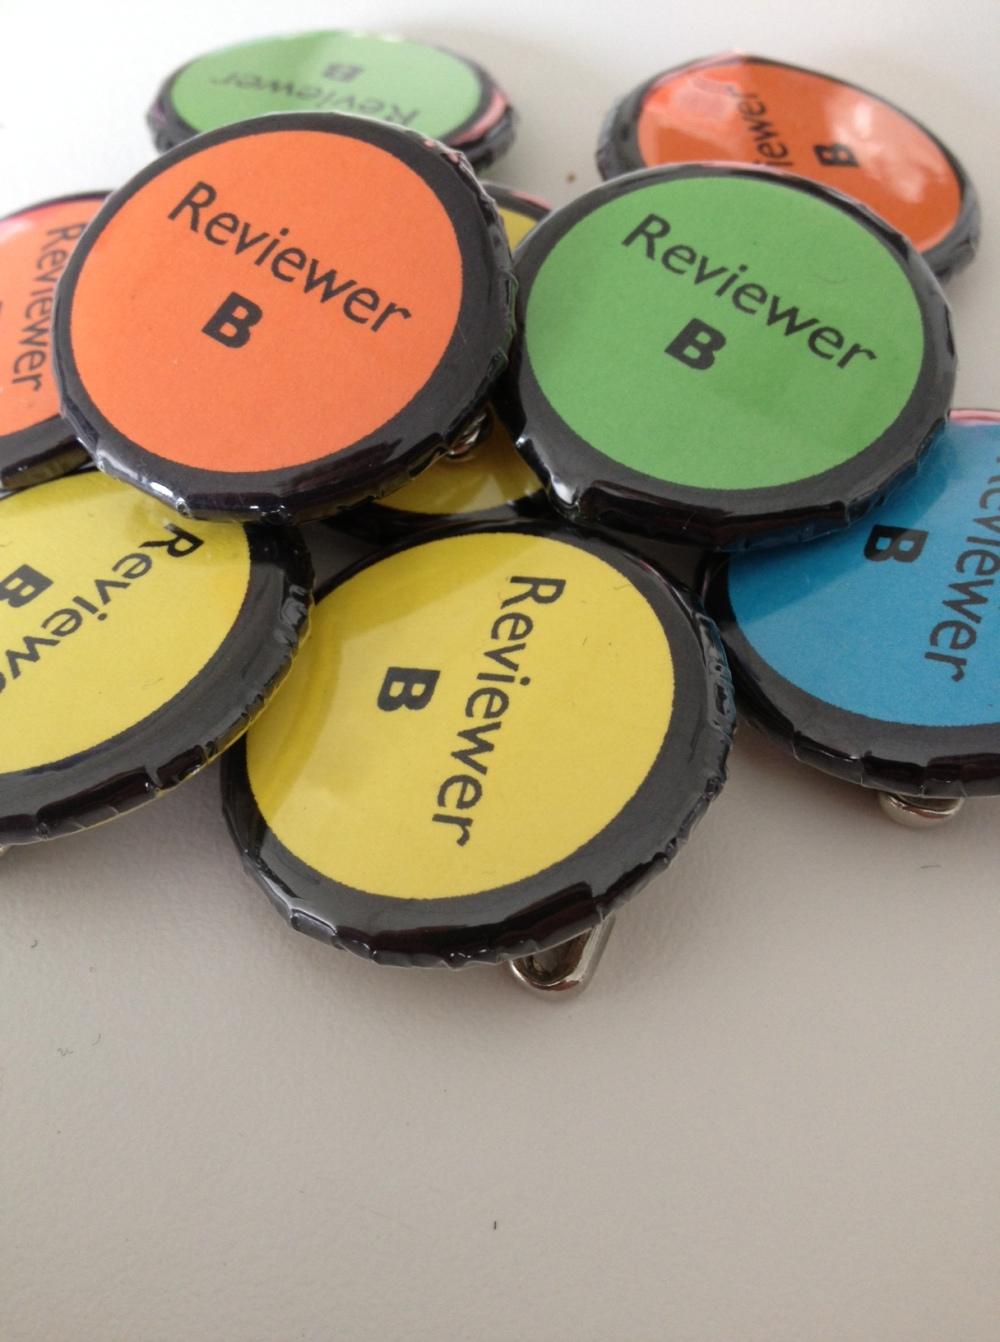 Reviewer B